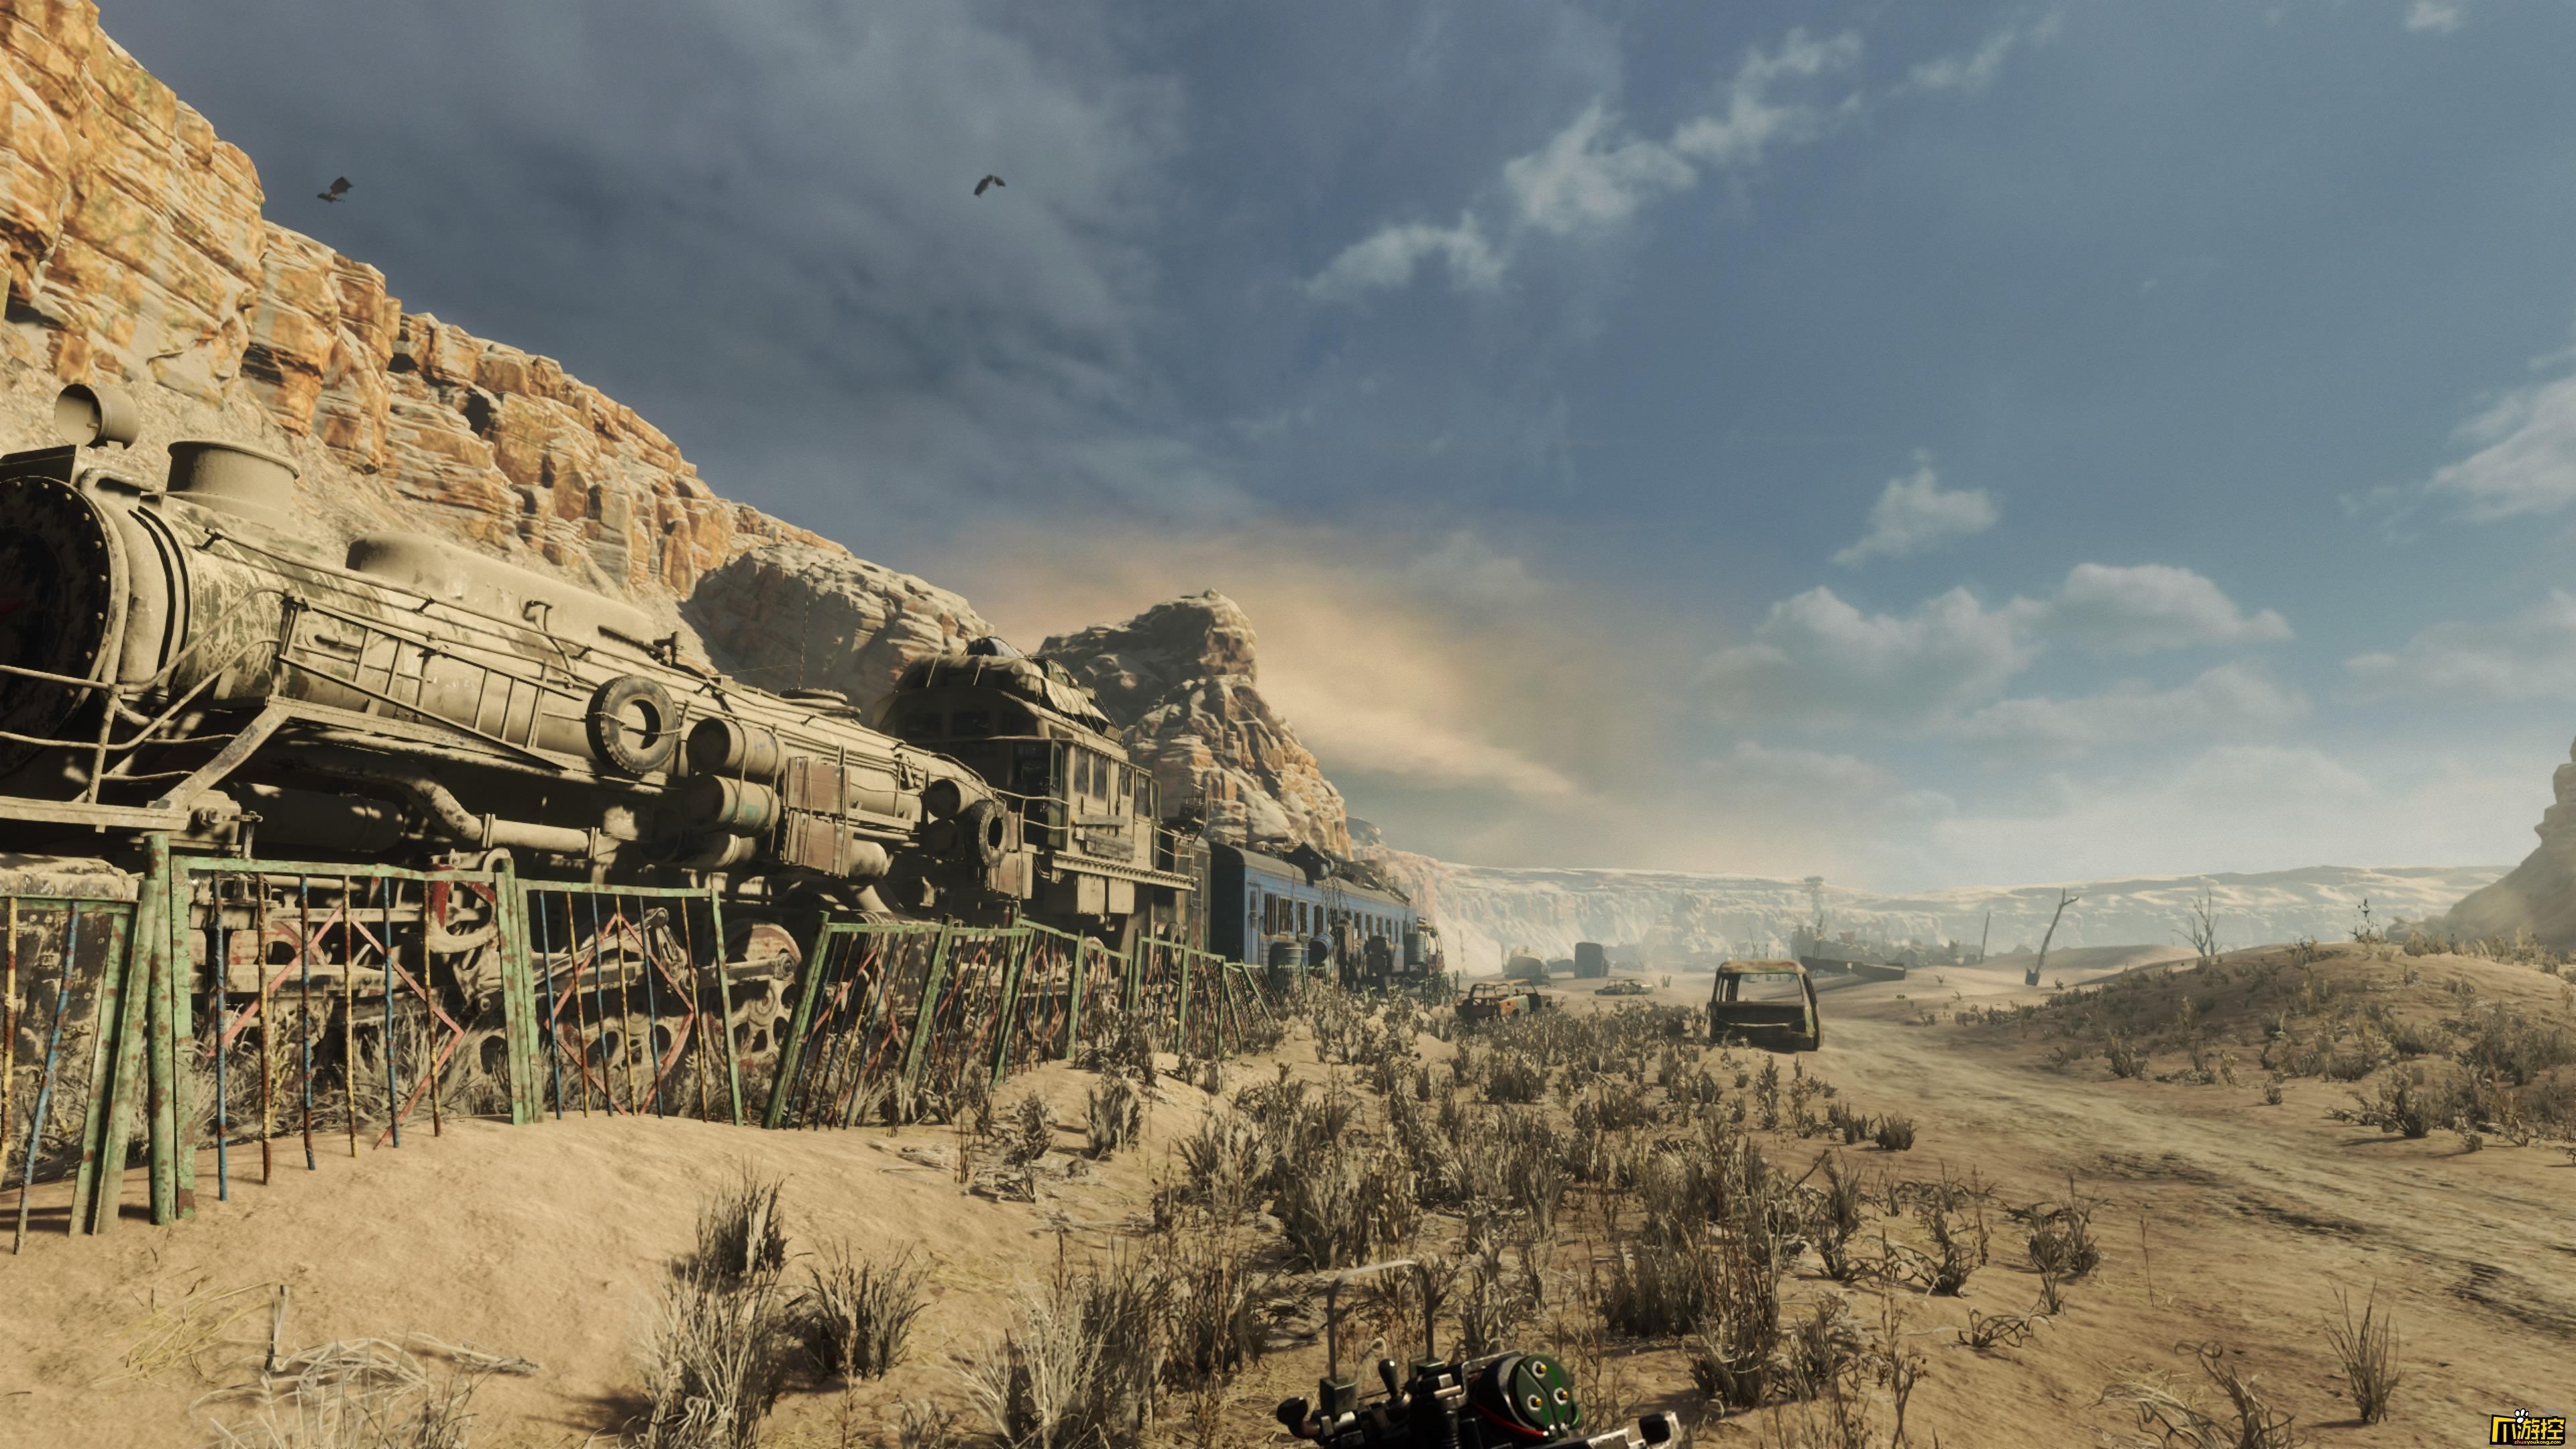 《地铁:逃离》游戏评测:还是那个窒息而美好的故事